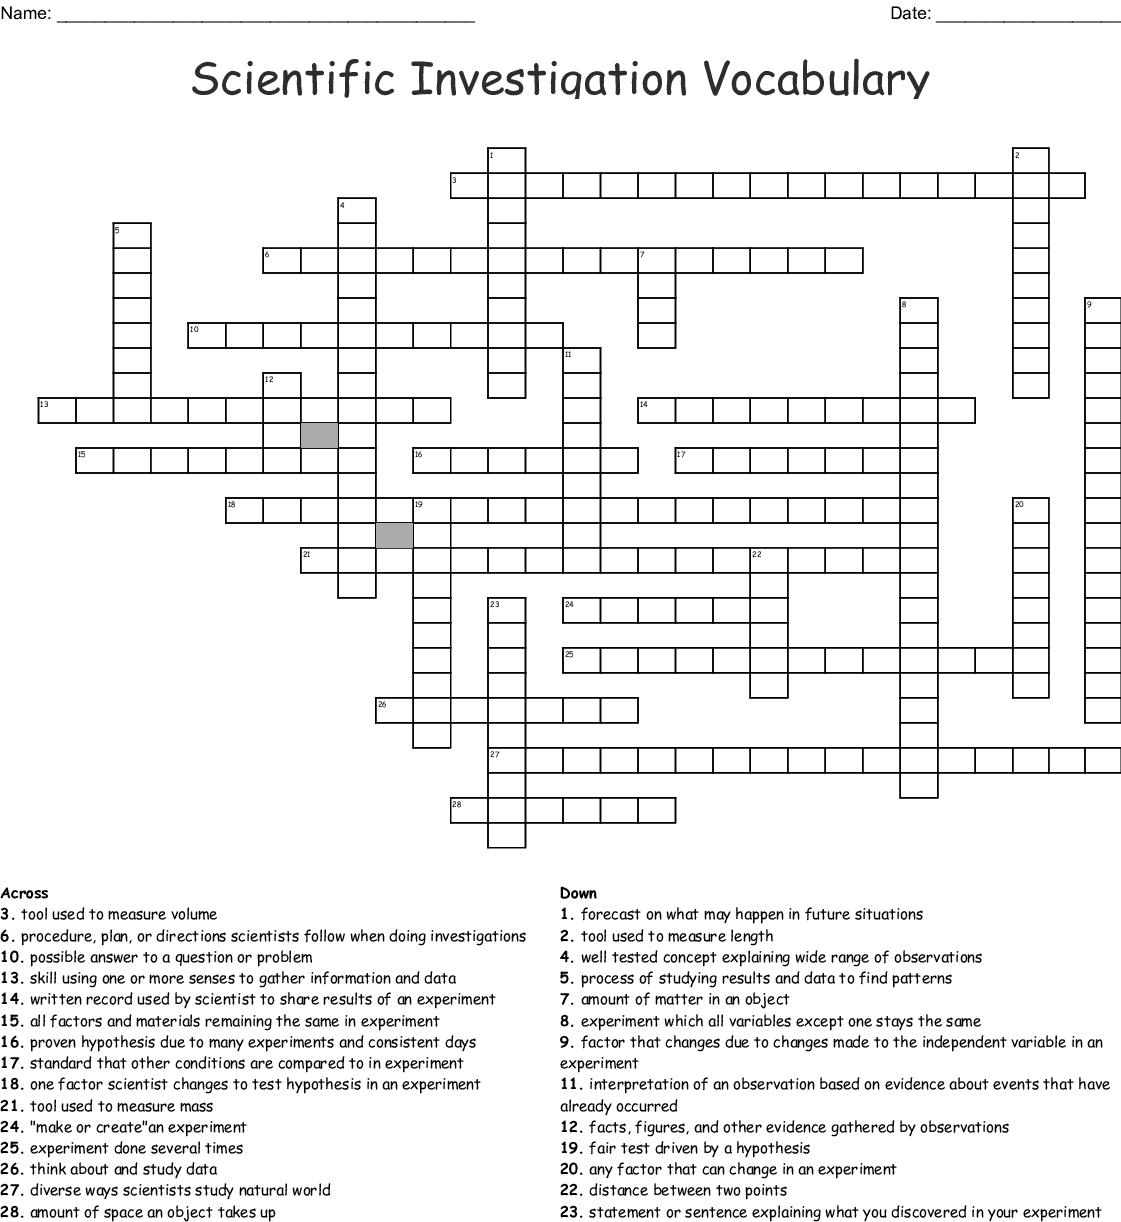 Scientific Investigation Vocabulary Crossword